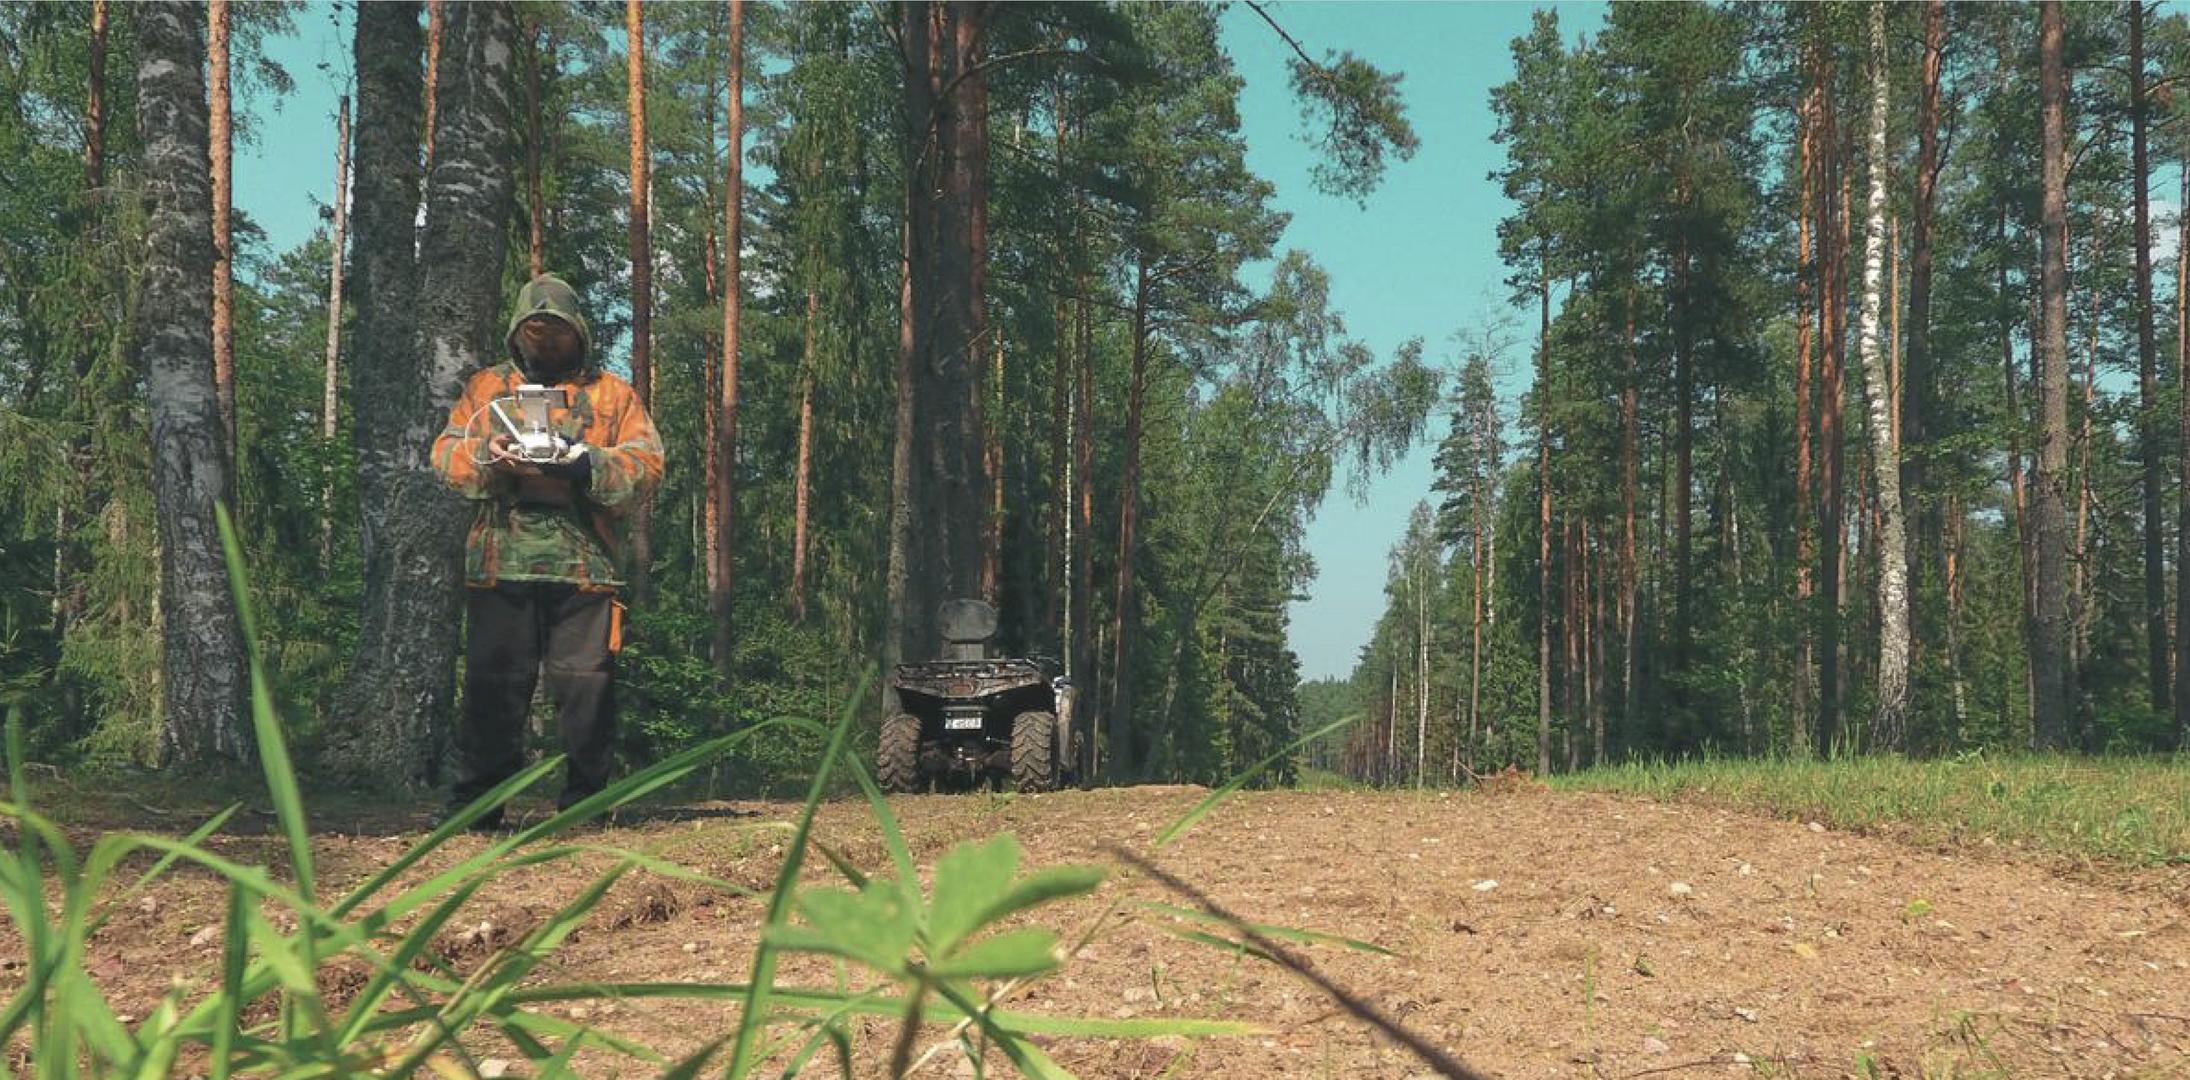 Topogrāfiskā plāna izgatavošana Latvijas-Baltkrievijas pierobežas teritorijā, 2018